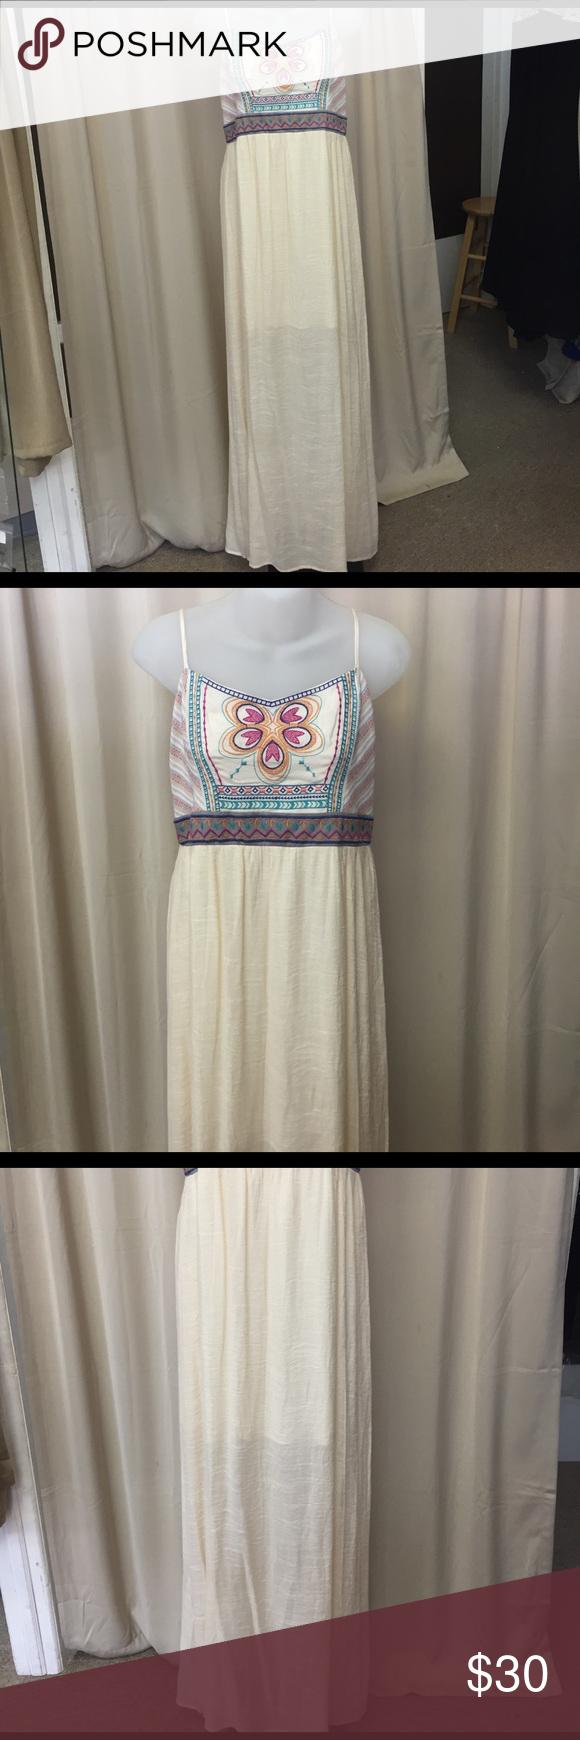 Xl long dress never worn customer support